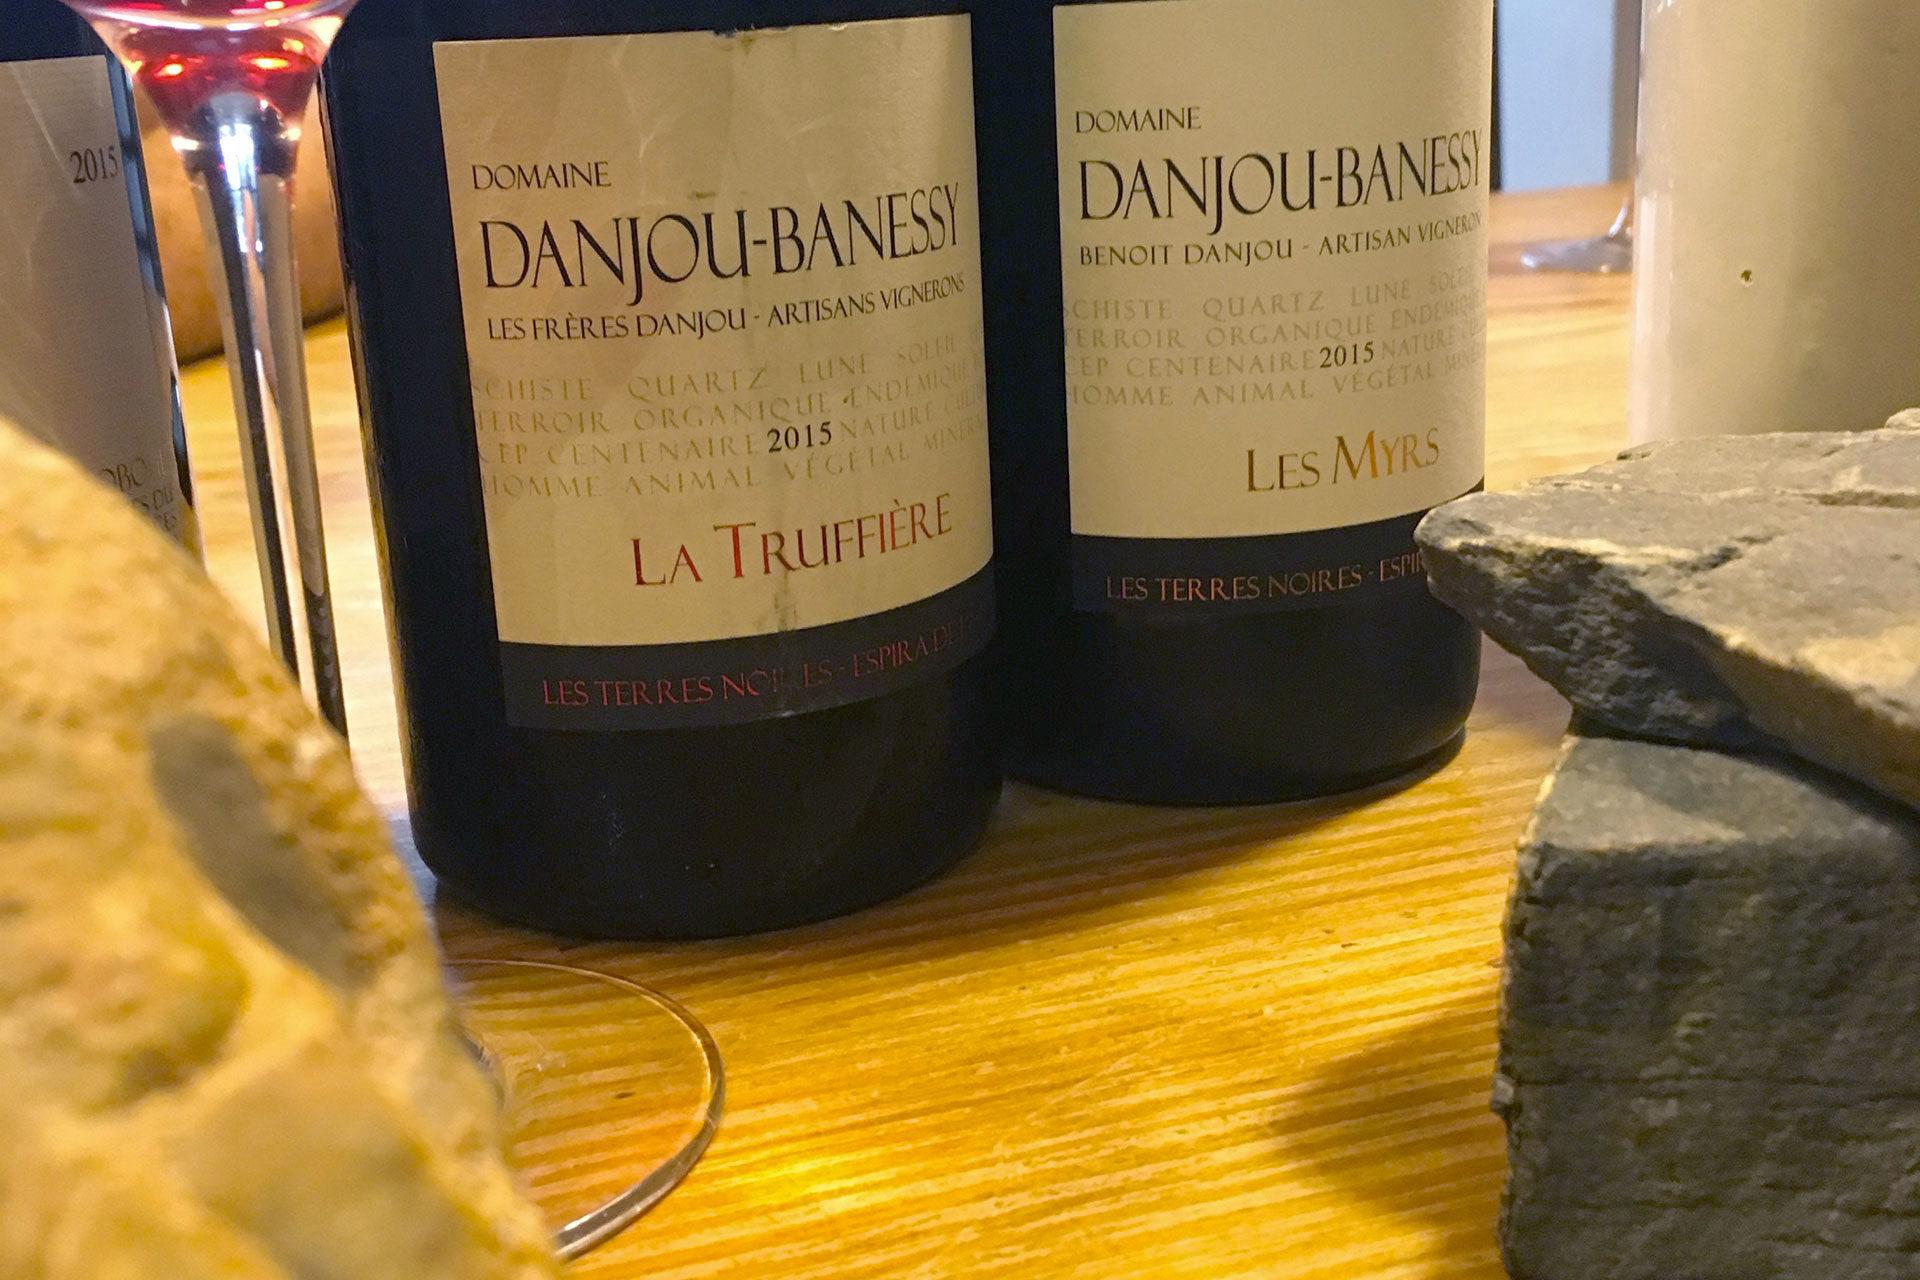 Roussillon-Danjou-Banessy